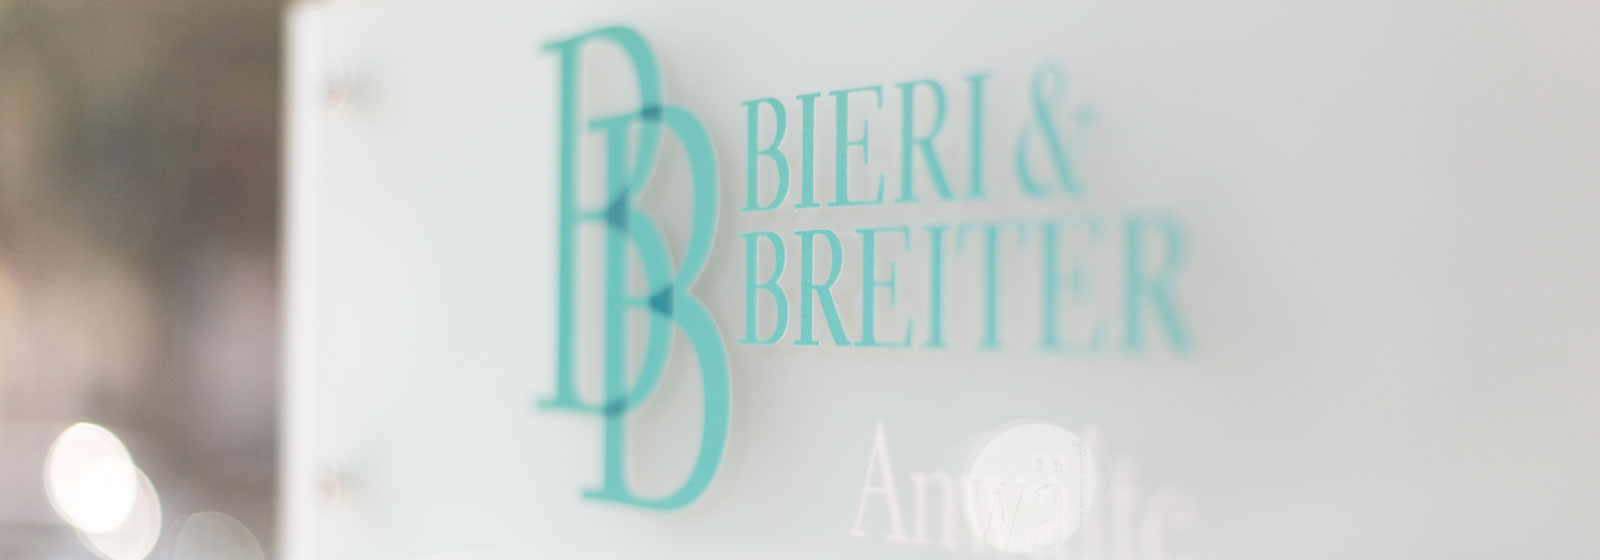 Bieri&Breiter Anwälte